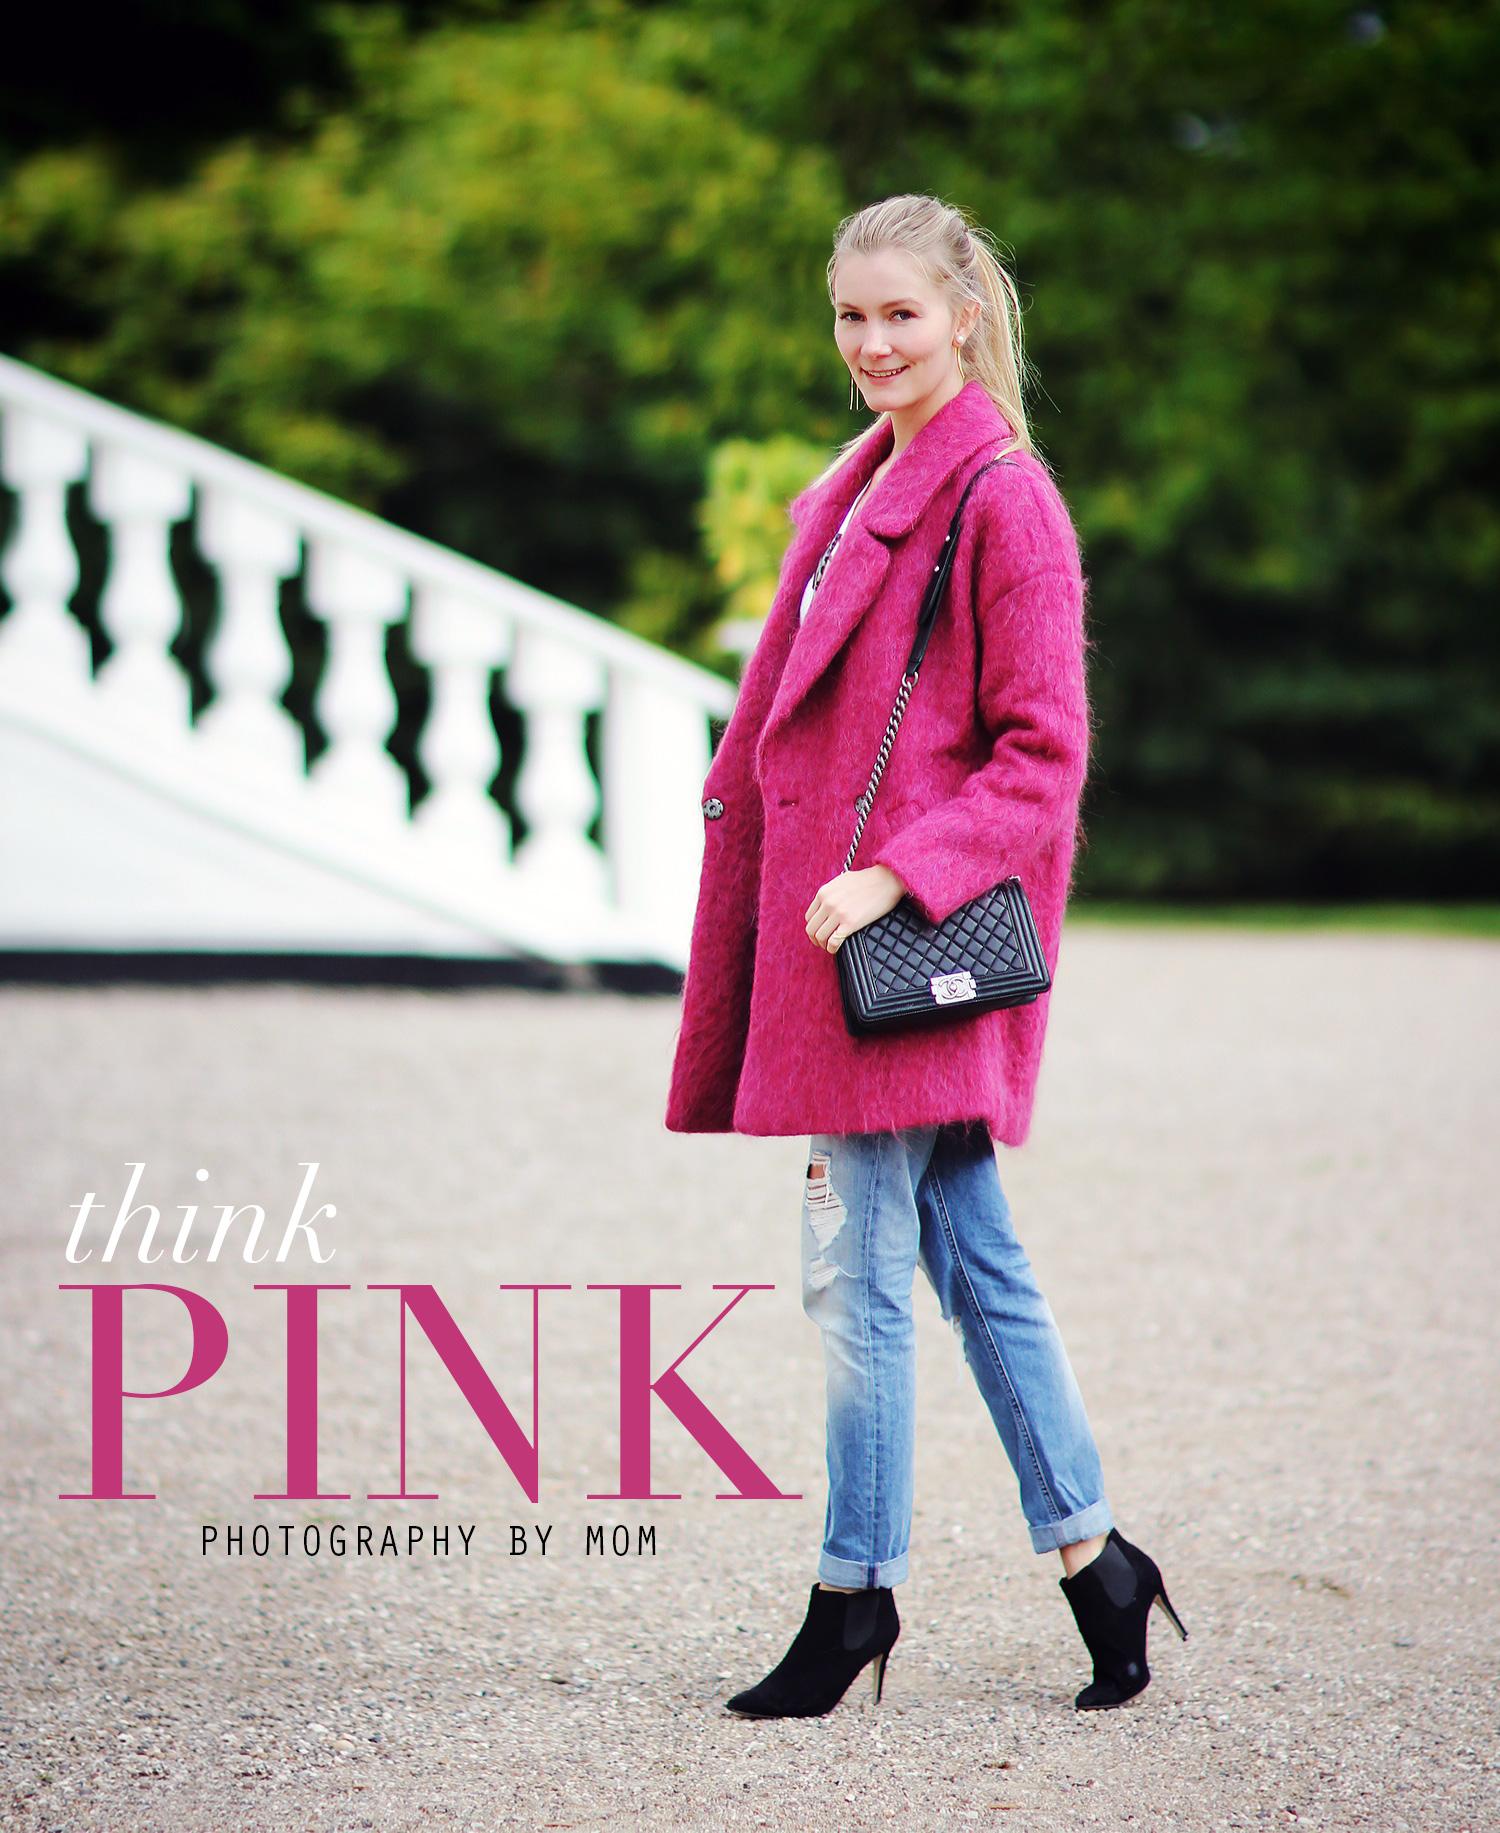 pinkfrakke@2x